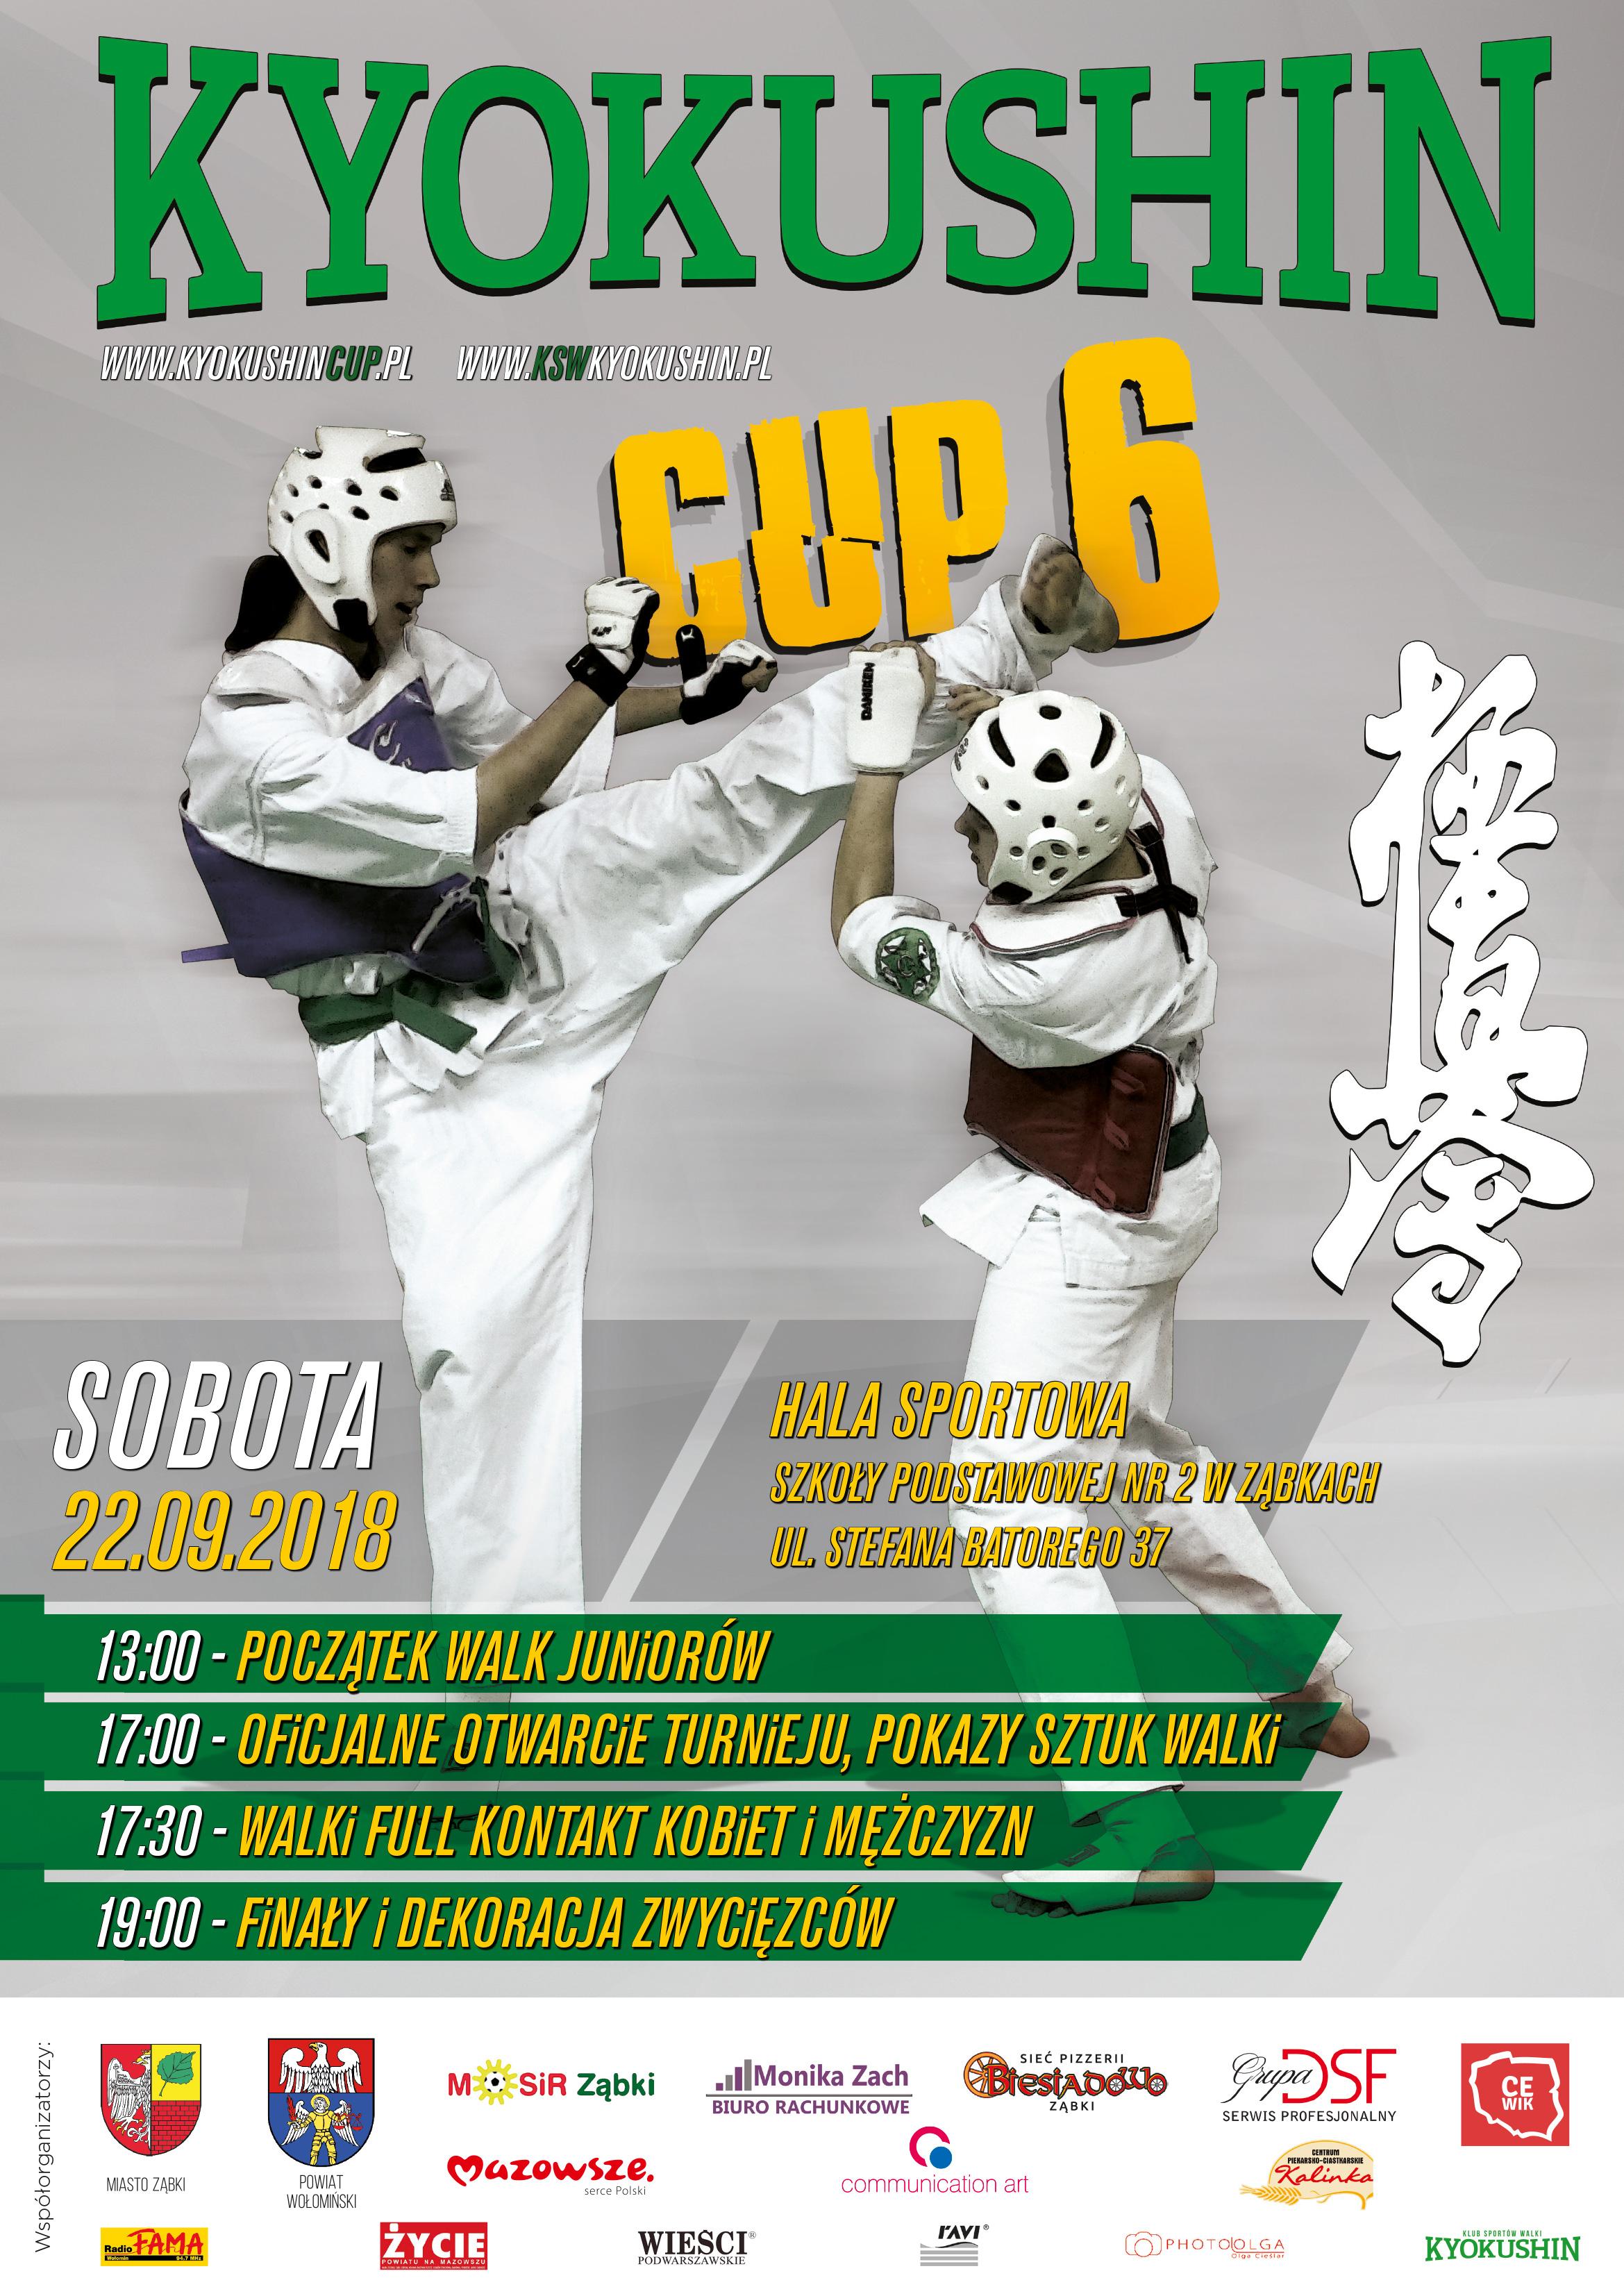 KYOKUSHIN CUP 6